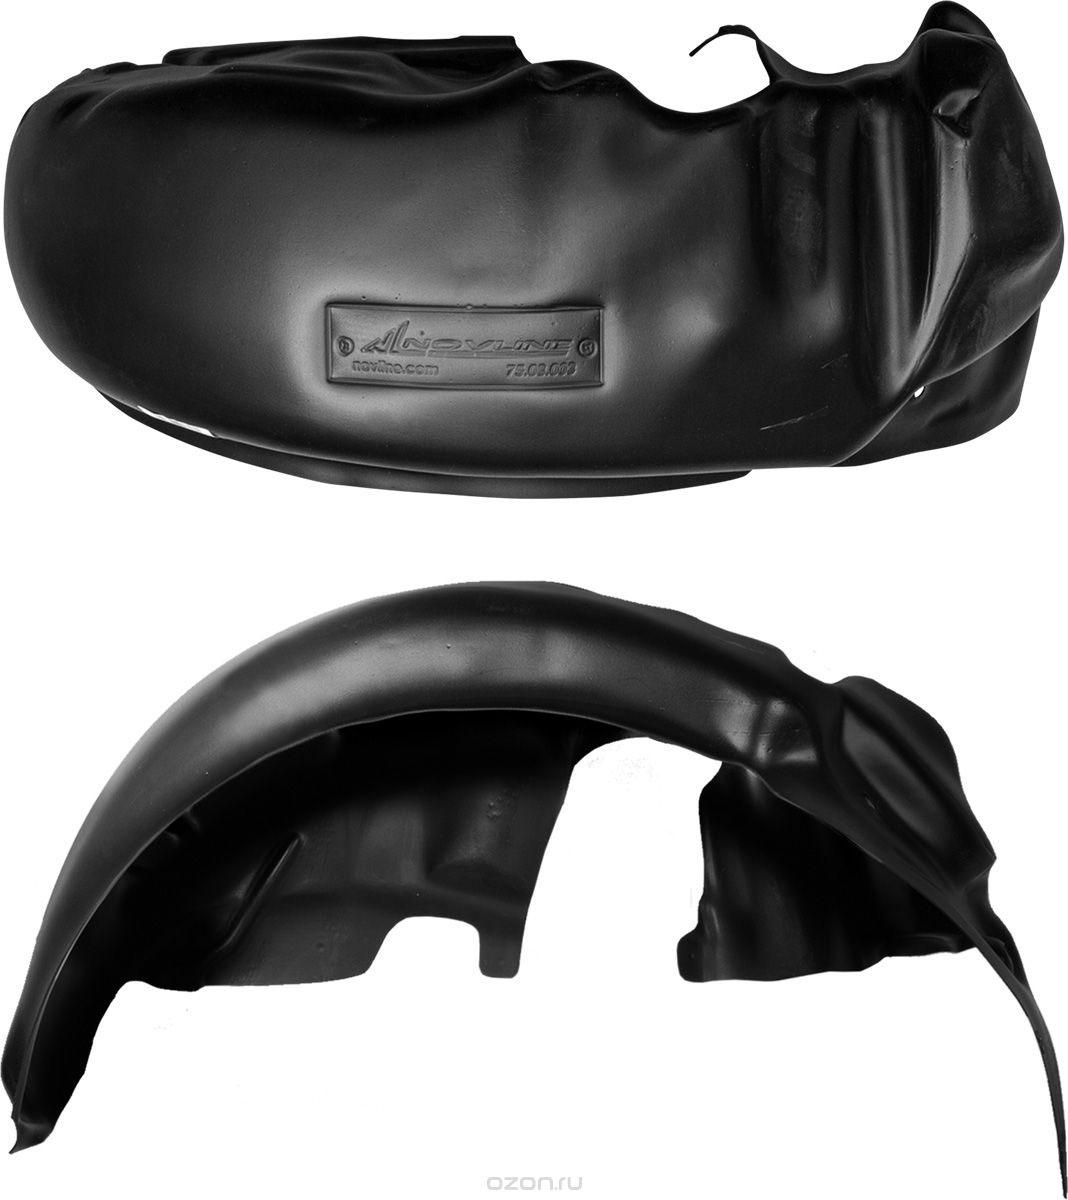 Подкрылок Novline-Autofamily, для Renault Duster 4X2, 05/2015->, задний правыйNLL.41.42.004Идеальная защита колесной ниши. Локеры разработаны с применением цифровых технологий, гарантируют максимальную повторяемость поверхности арки. Изделия устанавливаются без нарушения лакокрасочного покрытия автомобиля, каждый подкрылок комплектуется крепежом. Уважаемые клиенты, обращаем ваше внимание, что фотографии на подкрылки универсальные и не отражают реальную форму изделия. При этом само изделие идет точно под размер указанного автомобиля.